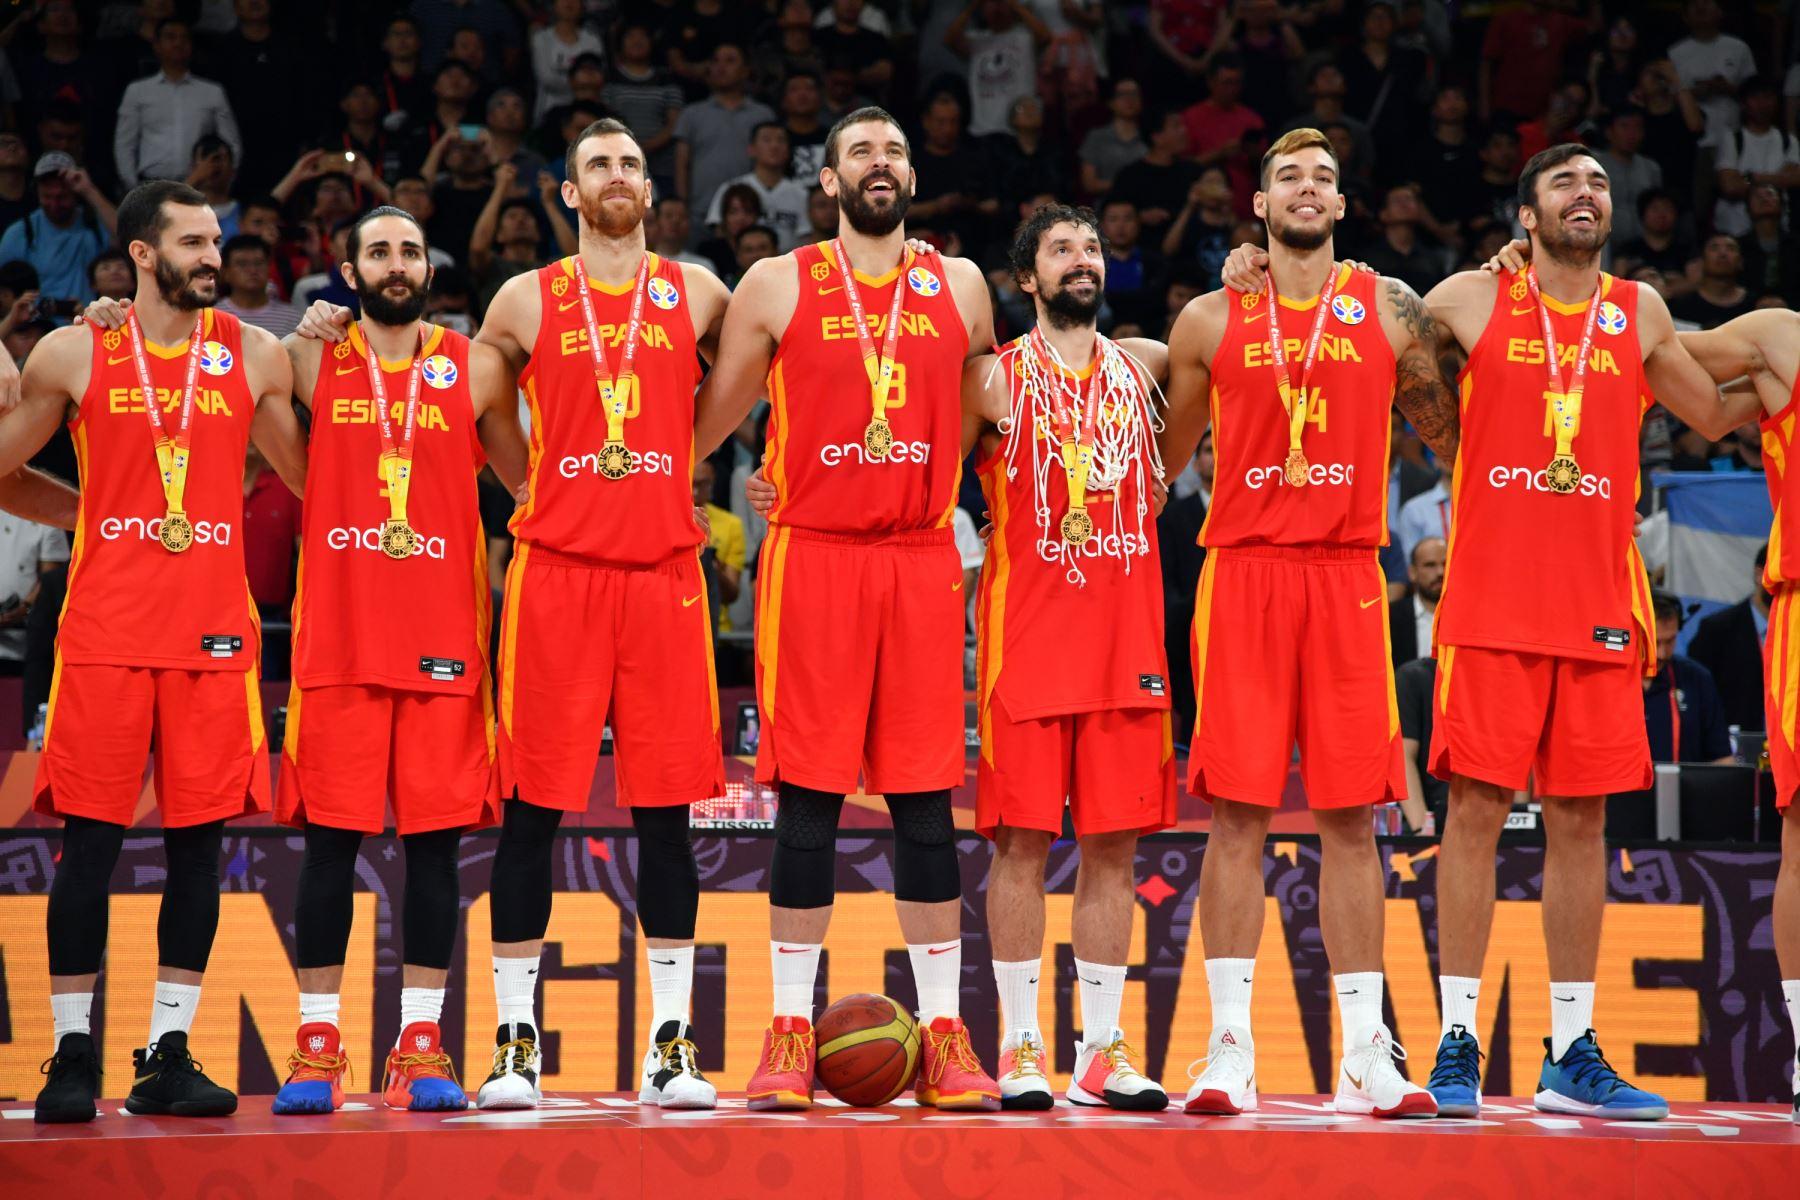 España  observa después del partido contra el Equipo Argentina durante las Finales de la Copa Mundial FIBA 2019 en el Cadillac Arena en Beijing, China.  Foto: AFP